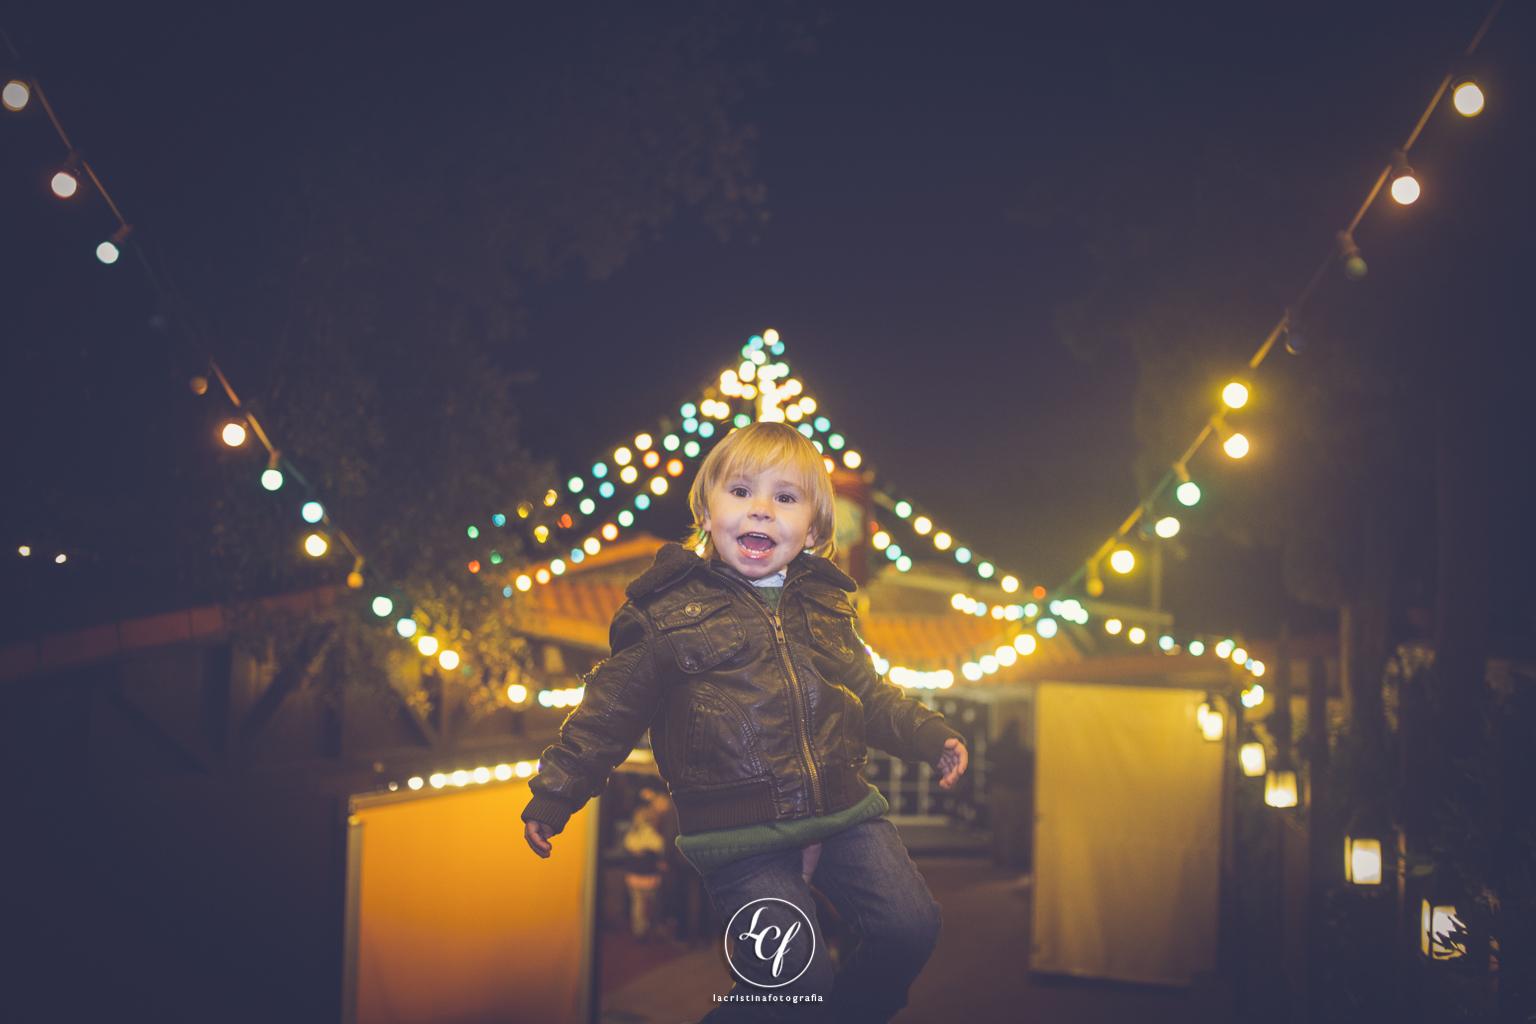 Fotografia infantil :: Fotografía familiar :: Fotografía de niños :: Tibidabo :: Fotografía Barcelona